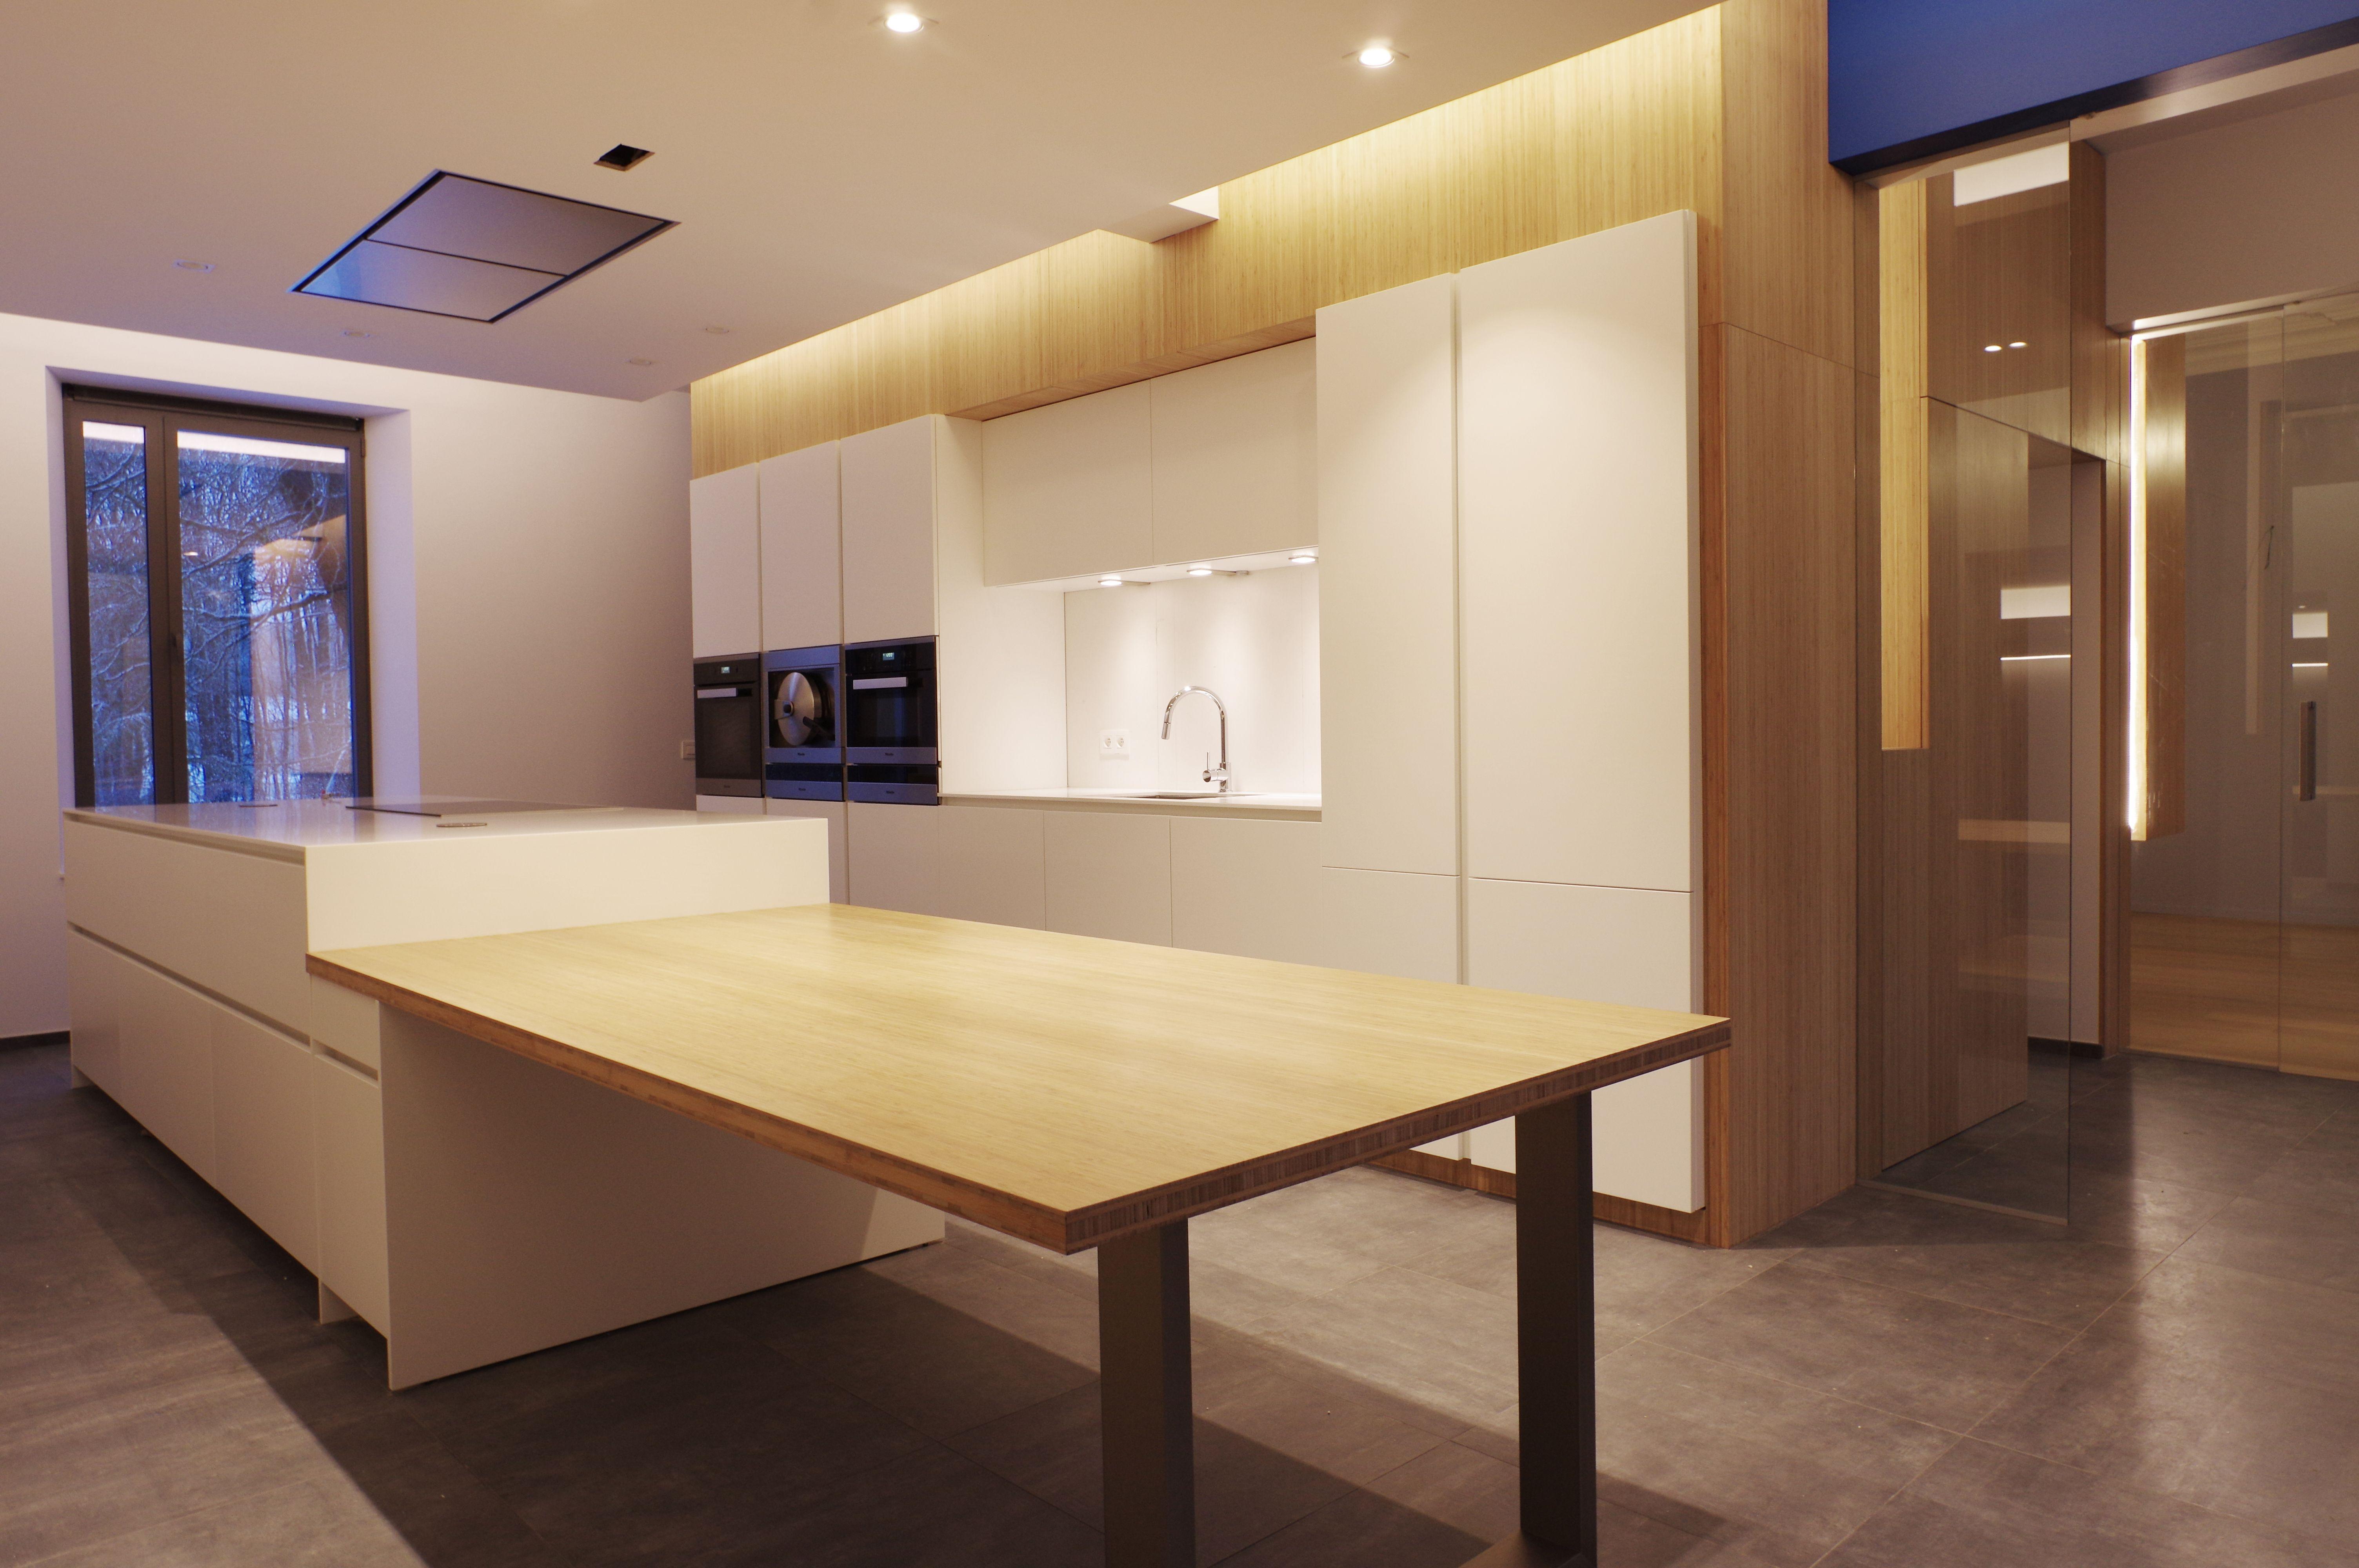 SECHEHAYE Architecture & Design  l  Projet d'aménagement intérieur - Cuisine  l  Mettet, Belgique